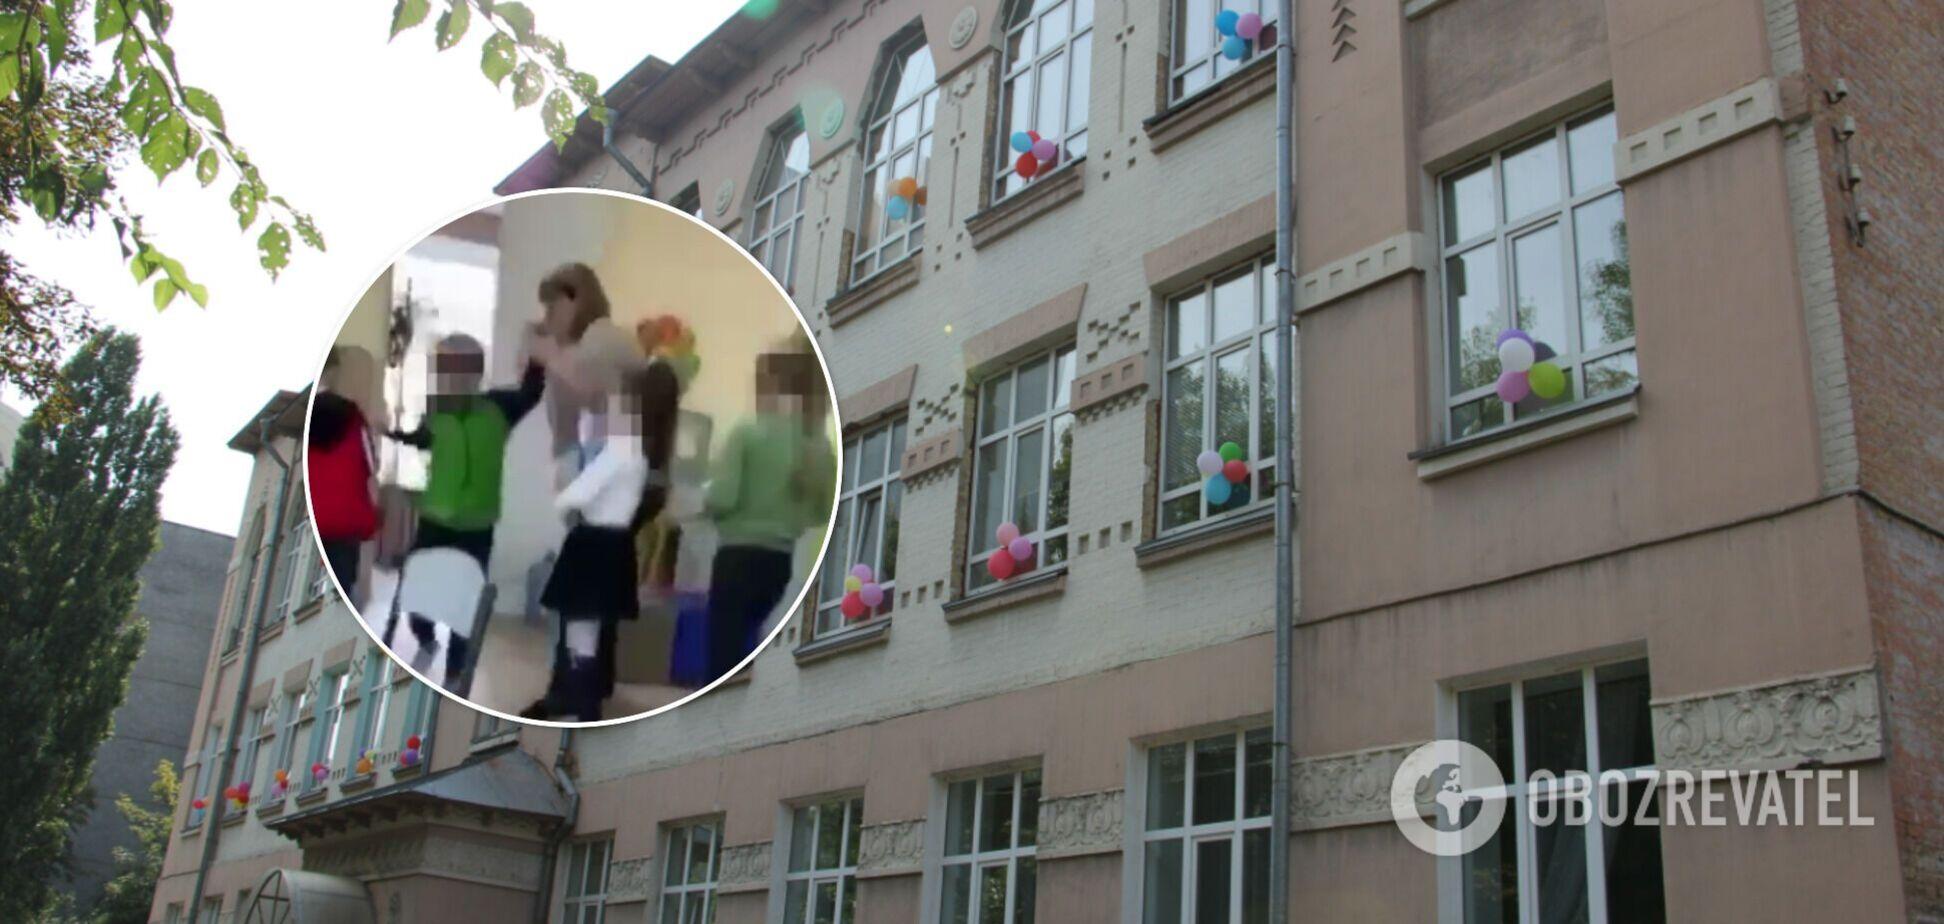 У Києві вчителька штовхала і била по обличчю дитину з інвалідністю: нардеп показав відео